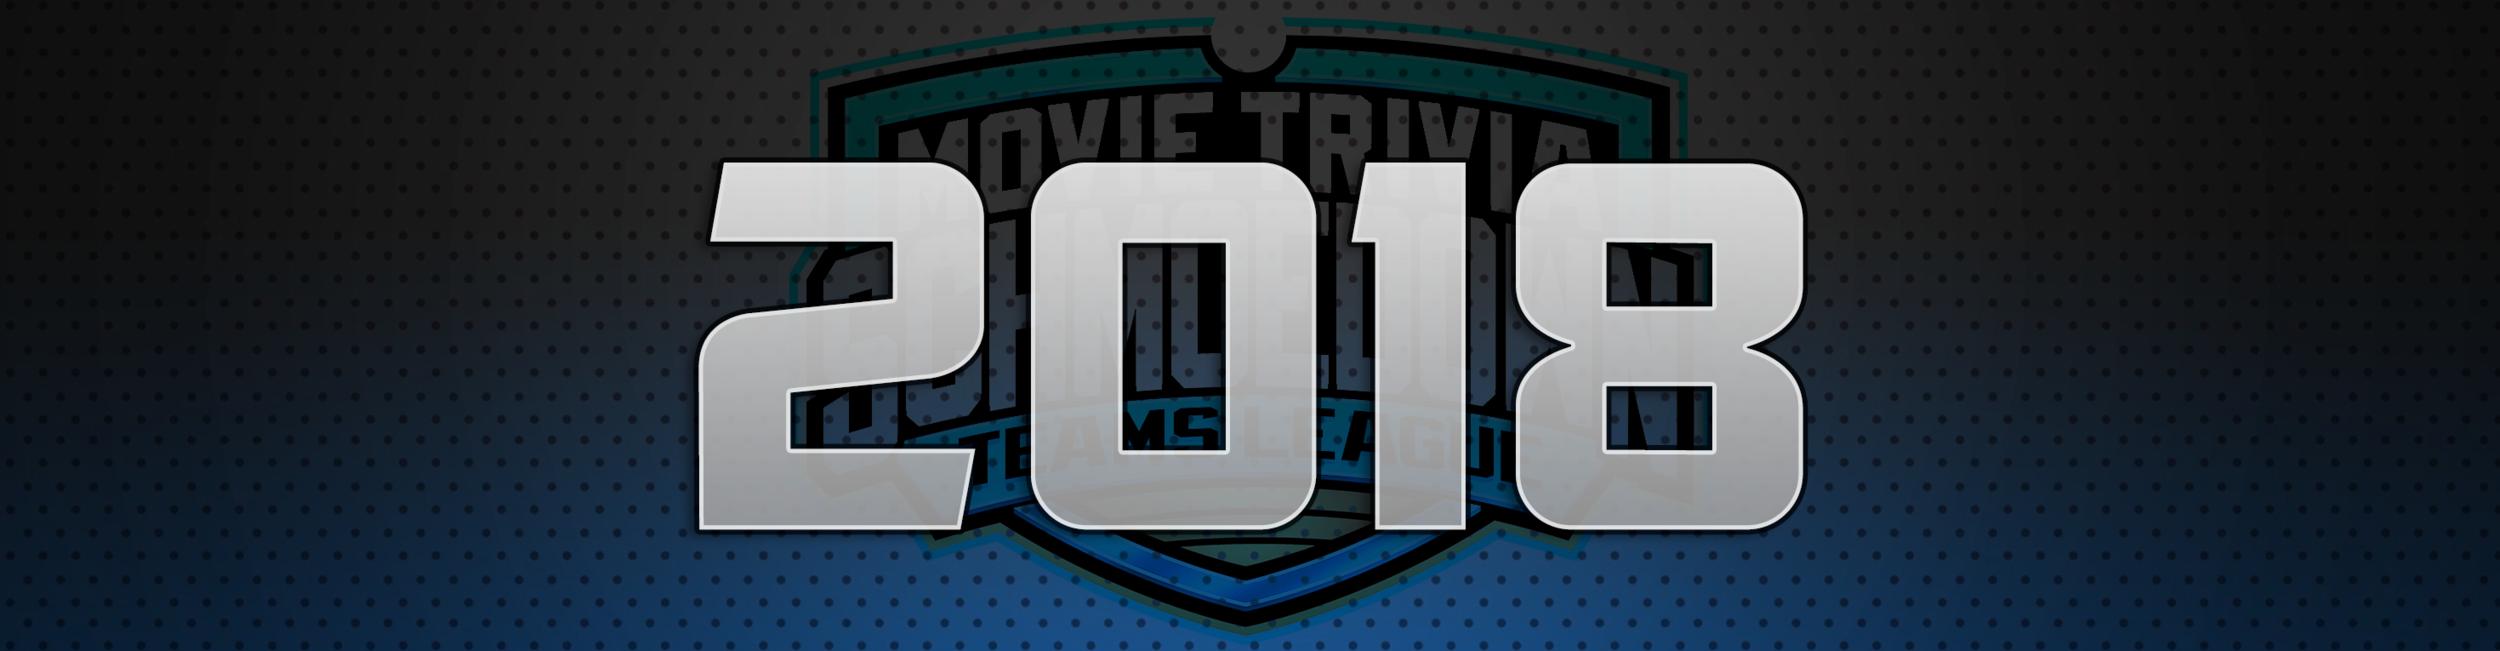 2018 TEAMS.png